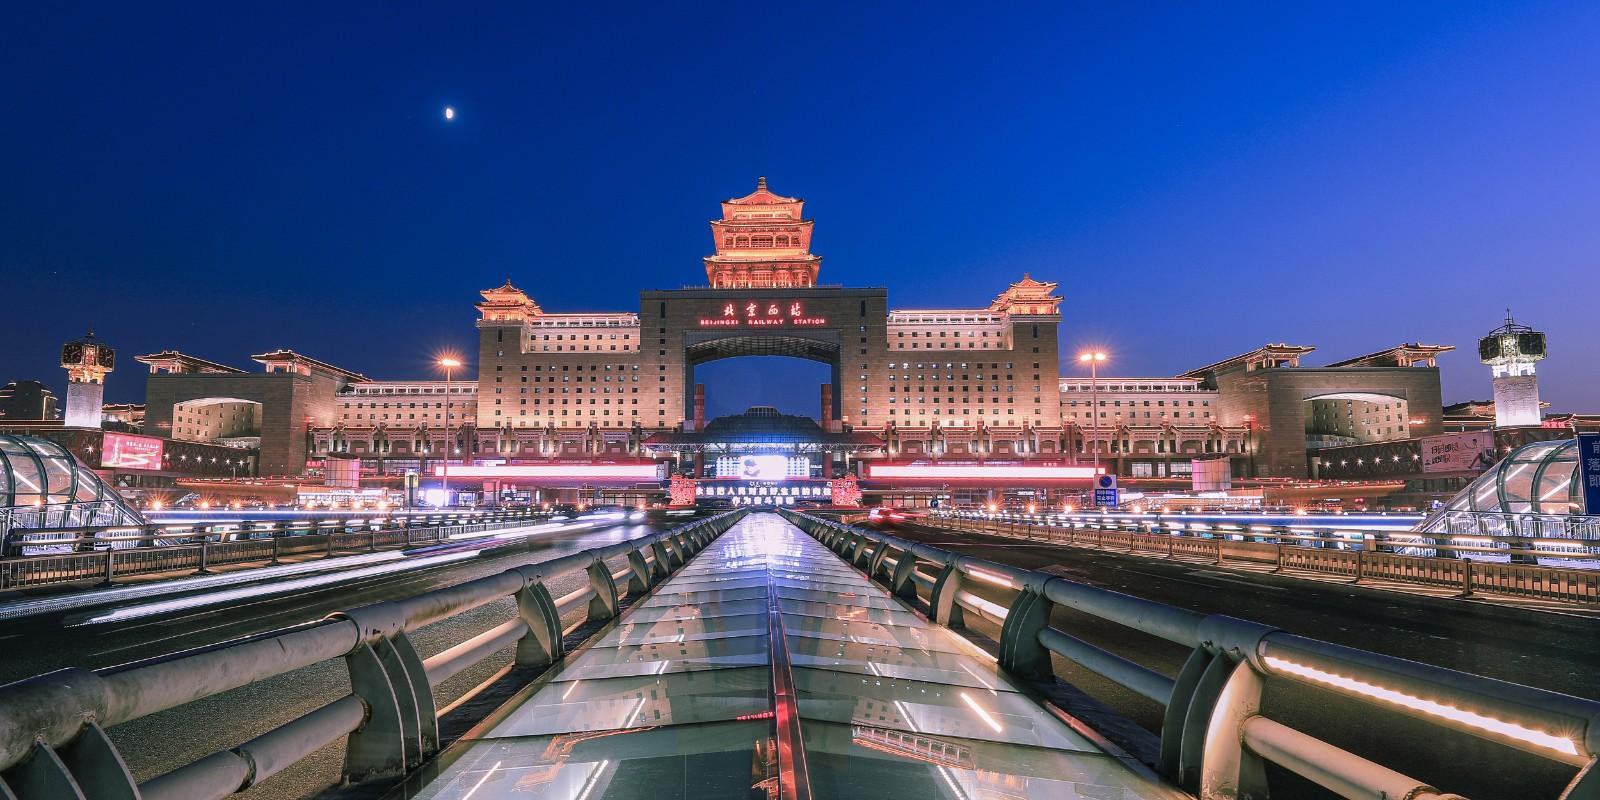 【北京西站】   王越  13601098050     2019年10月7日拍摄于北京西站_副本.jpg